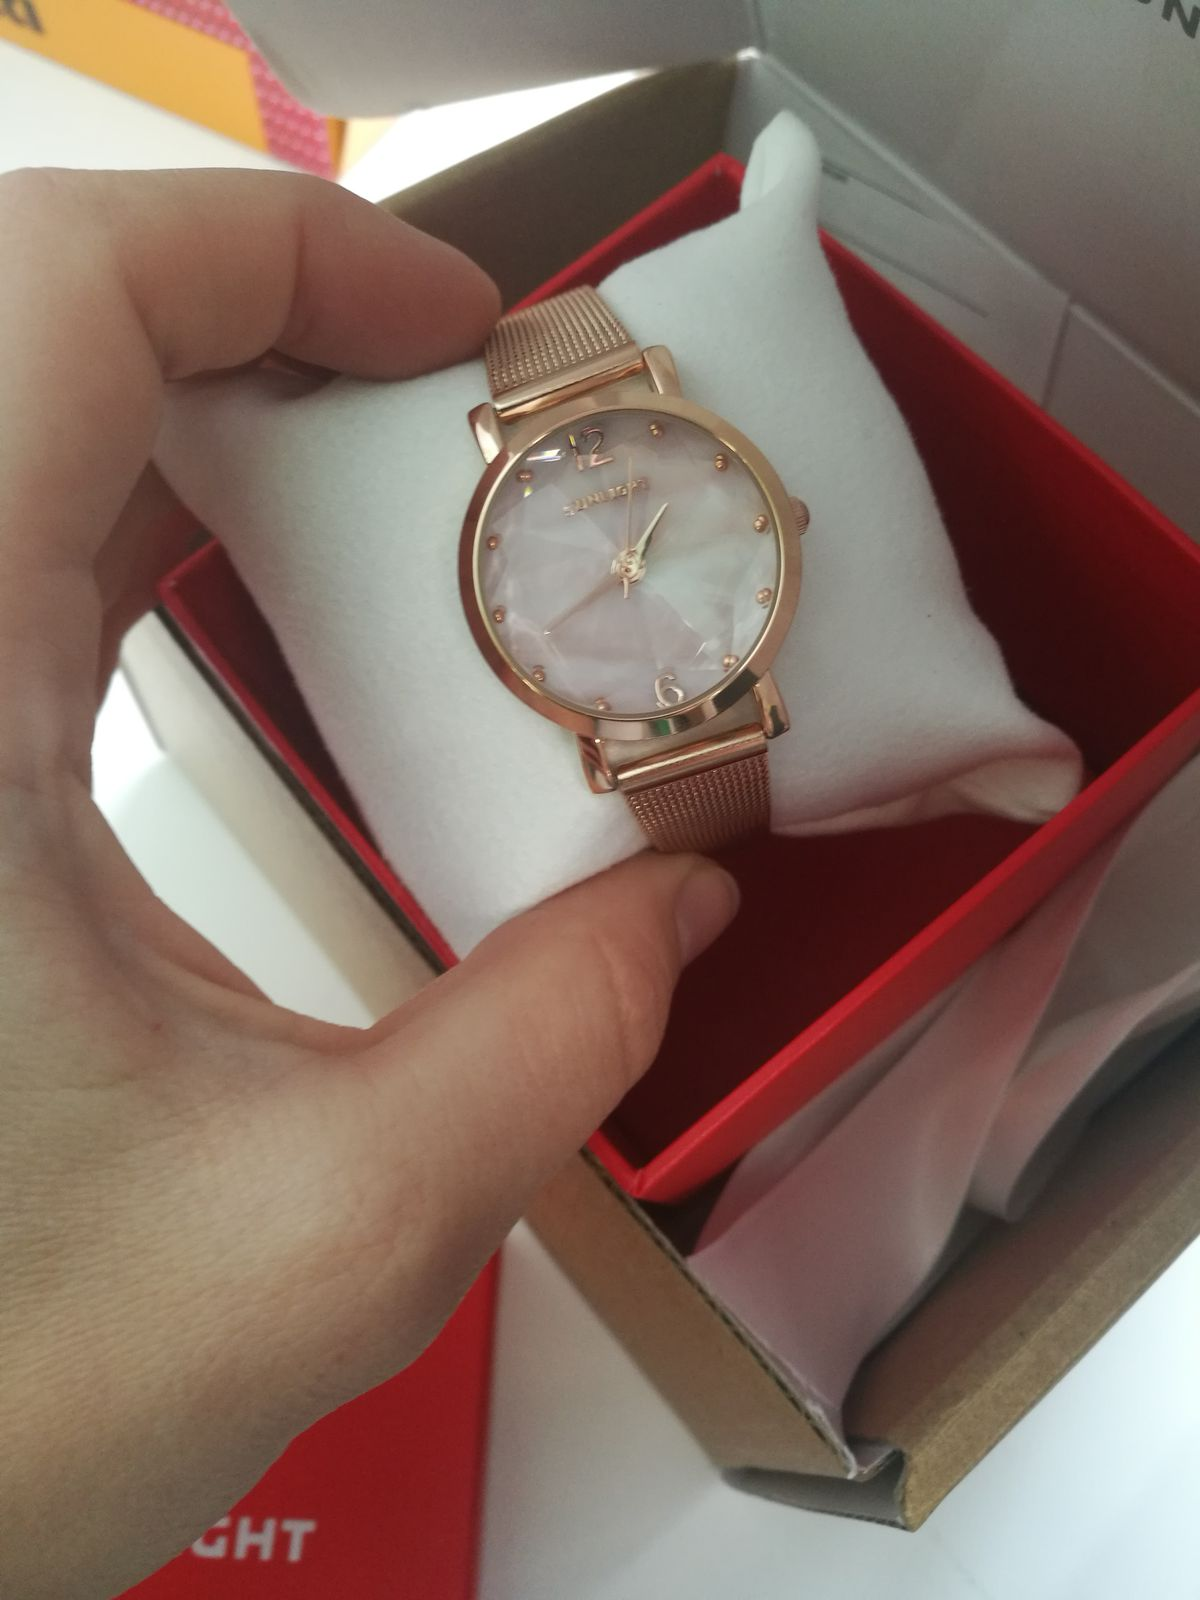 Часы заказала в подарок для дочери